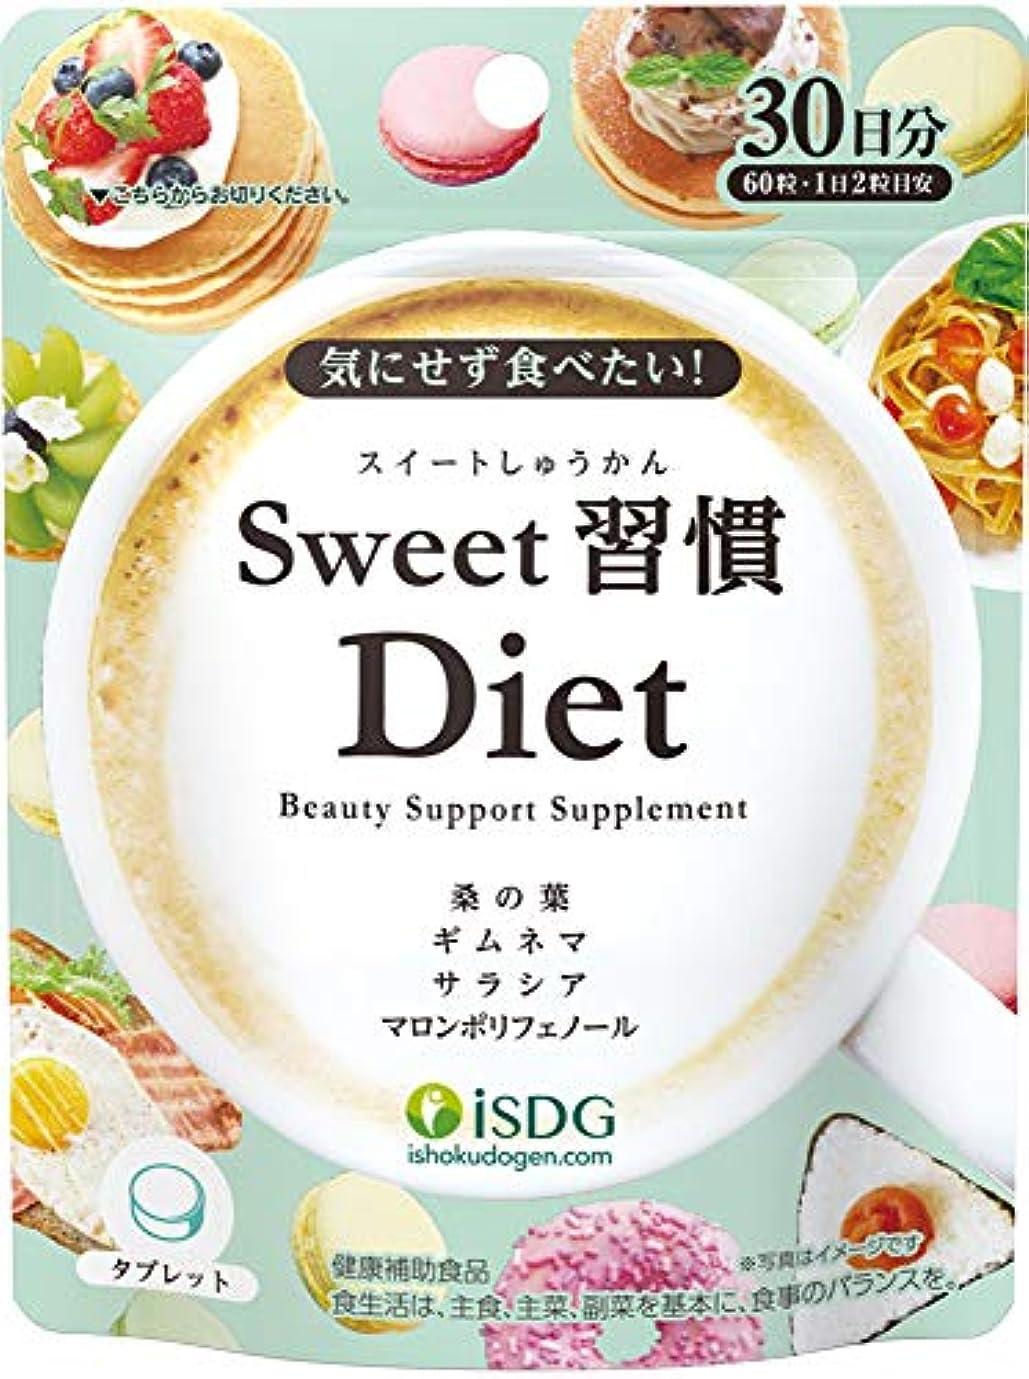 暴行フィットネス退屈なISDG 医食同源ドットコム Sweet習慣Diet サプリメント [ 桑の葉 ギムネマ サラシア マロンポリフェノール] 日本製 60粒 30日分